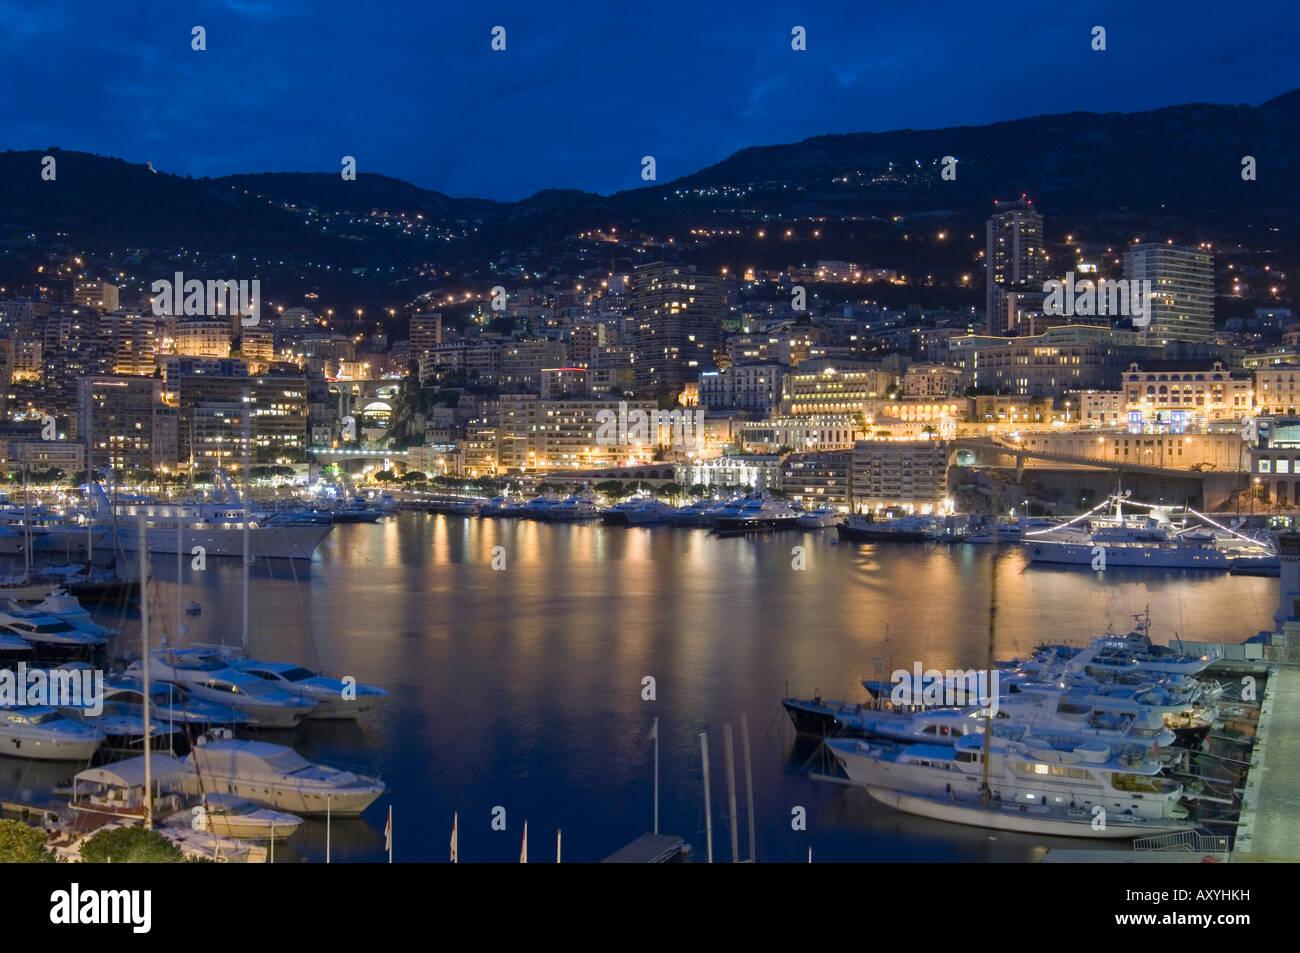 La nuit au bord de l'eau, Monte Carlo, Principauté de Monaco, Cote d'Azur, Méditerranée, Photo Stock